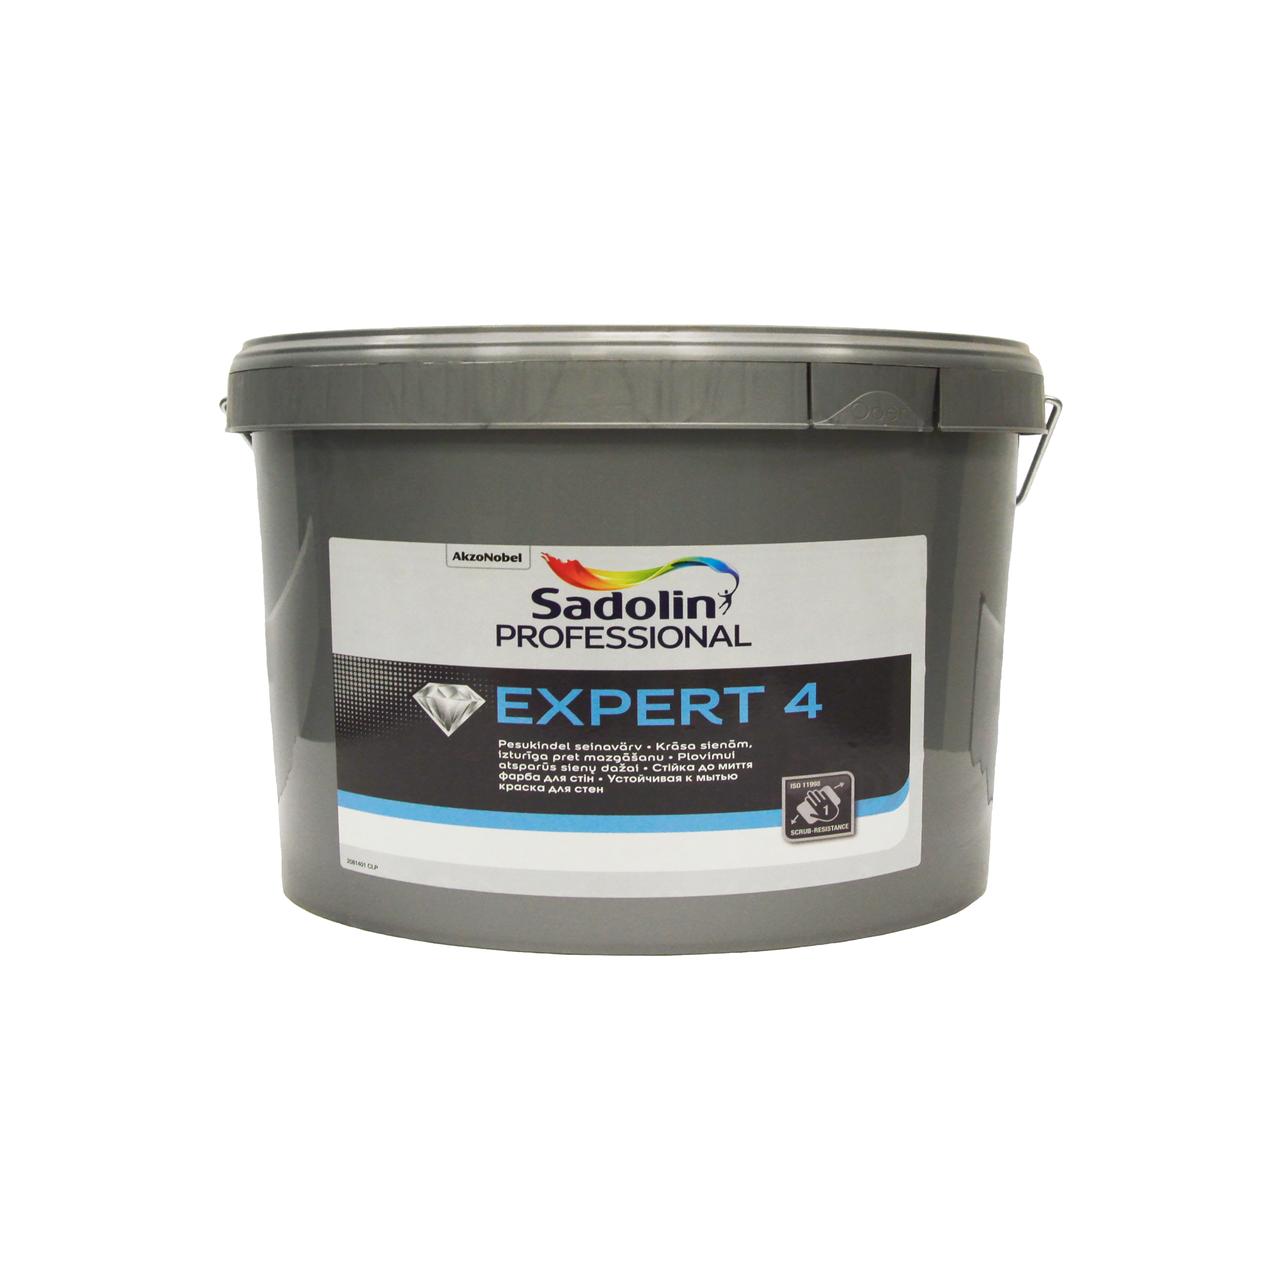 Sadolin Expert 4 Краска с эффектом бархата тонир. база BC